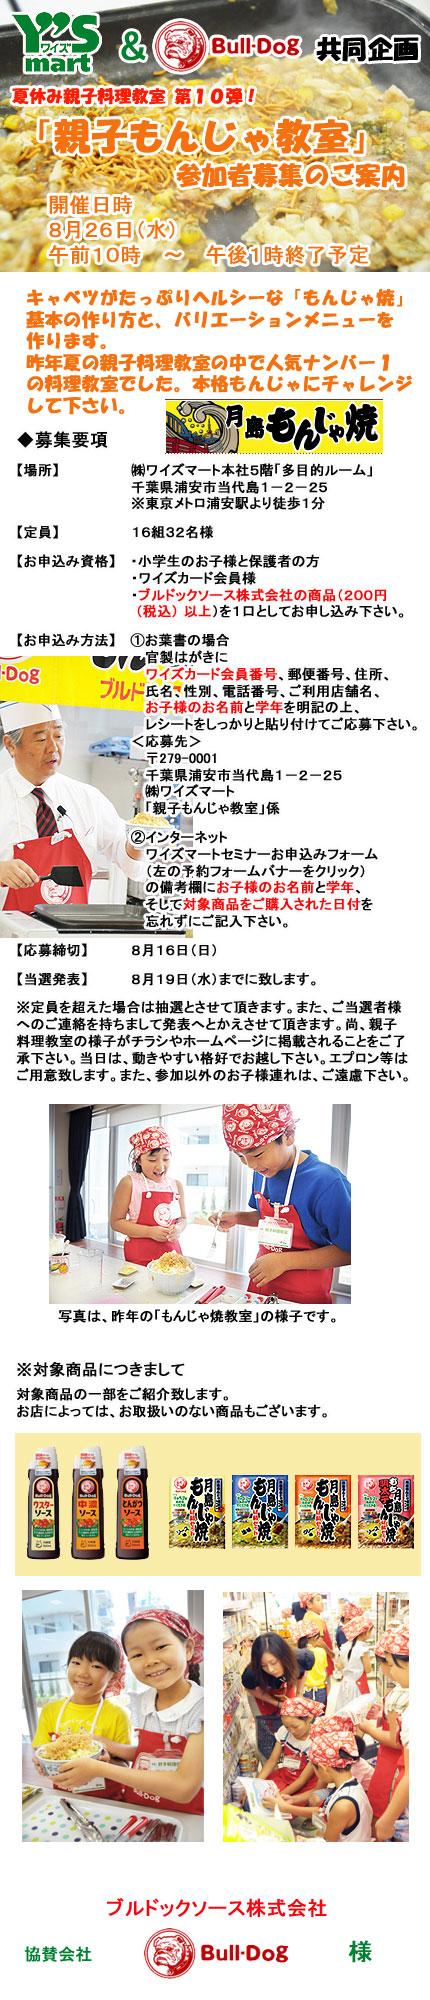 09親子もんじゃ教室.jpg